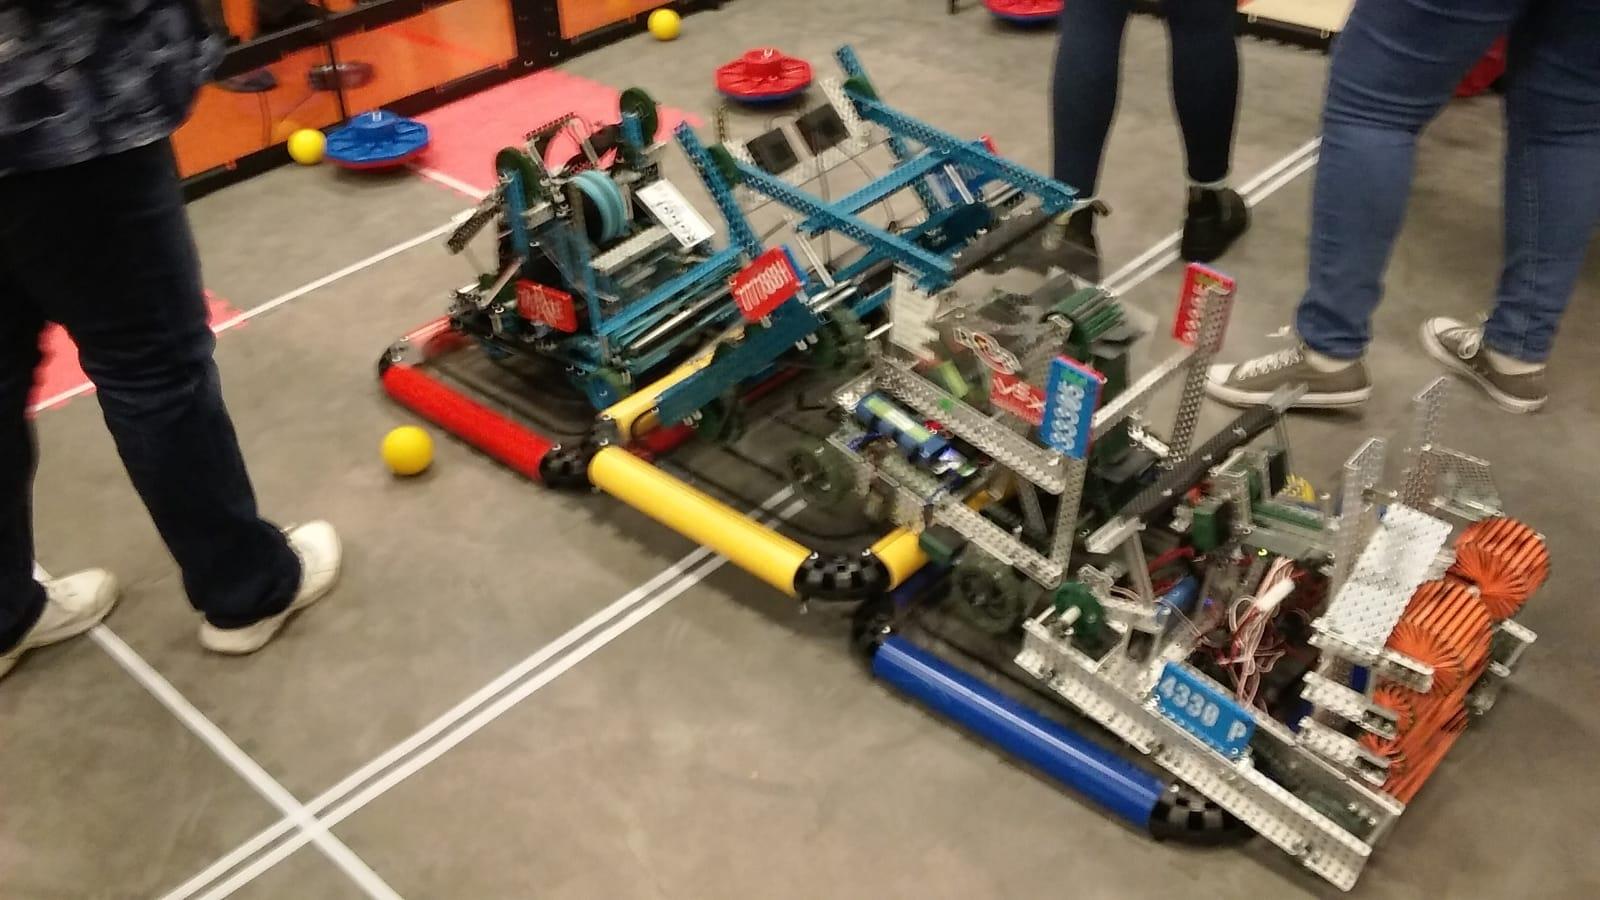 four%20robots%20parked